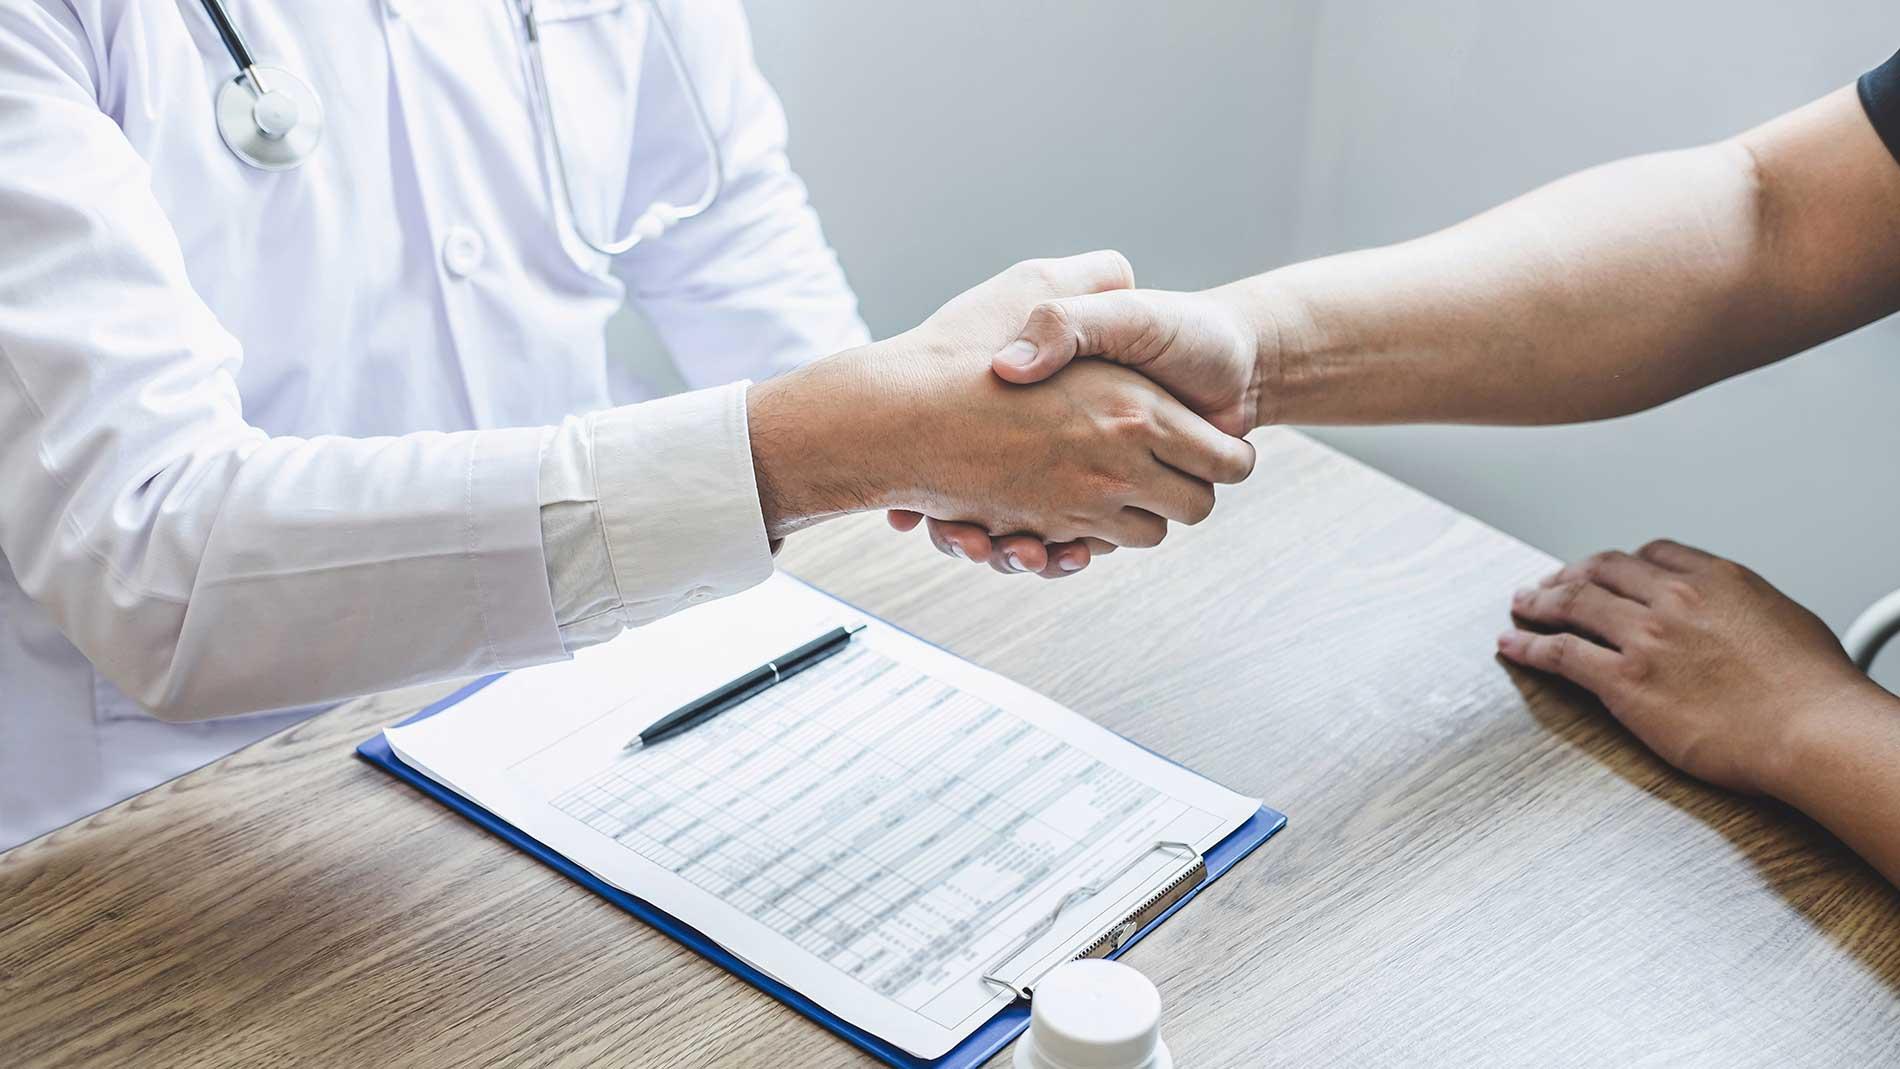 Λεμφοίδημα, Λιποίδημα Πληροφορίες για Ασθενείς (1η συνάντηση) | The Lymphedema Clinic | Κλινική Λεμφοιδήματος Λιποιδήματος | Θεσσαλονίκη